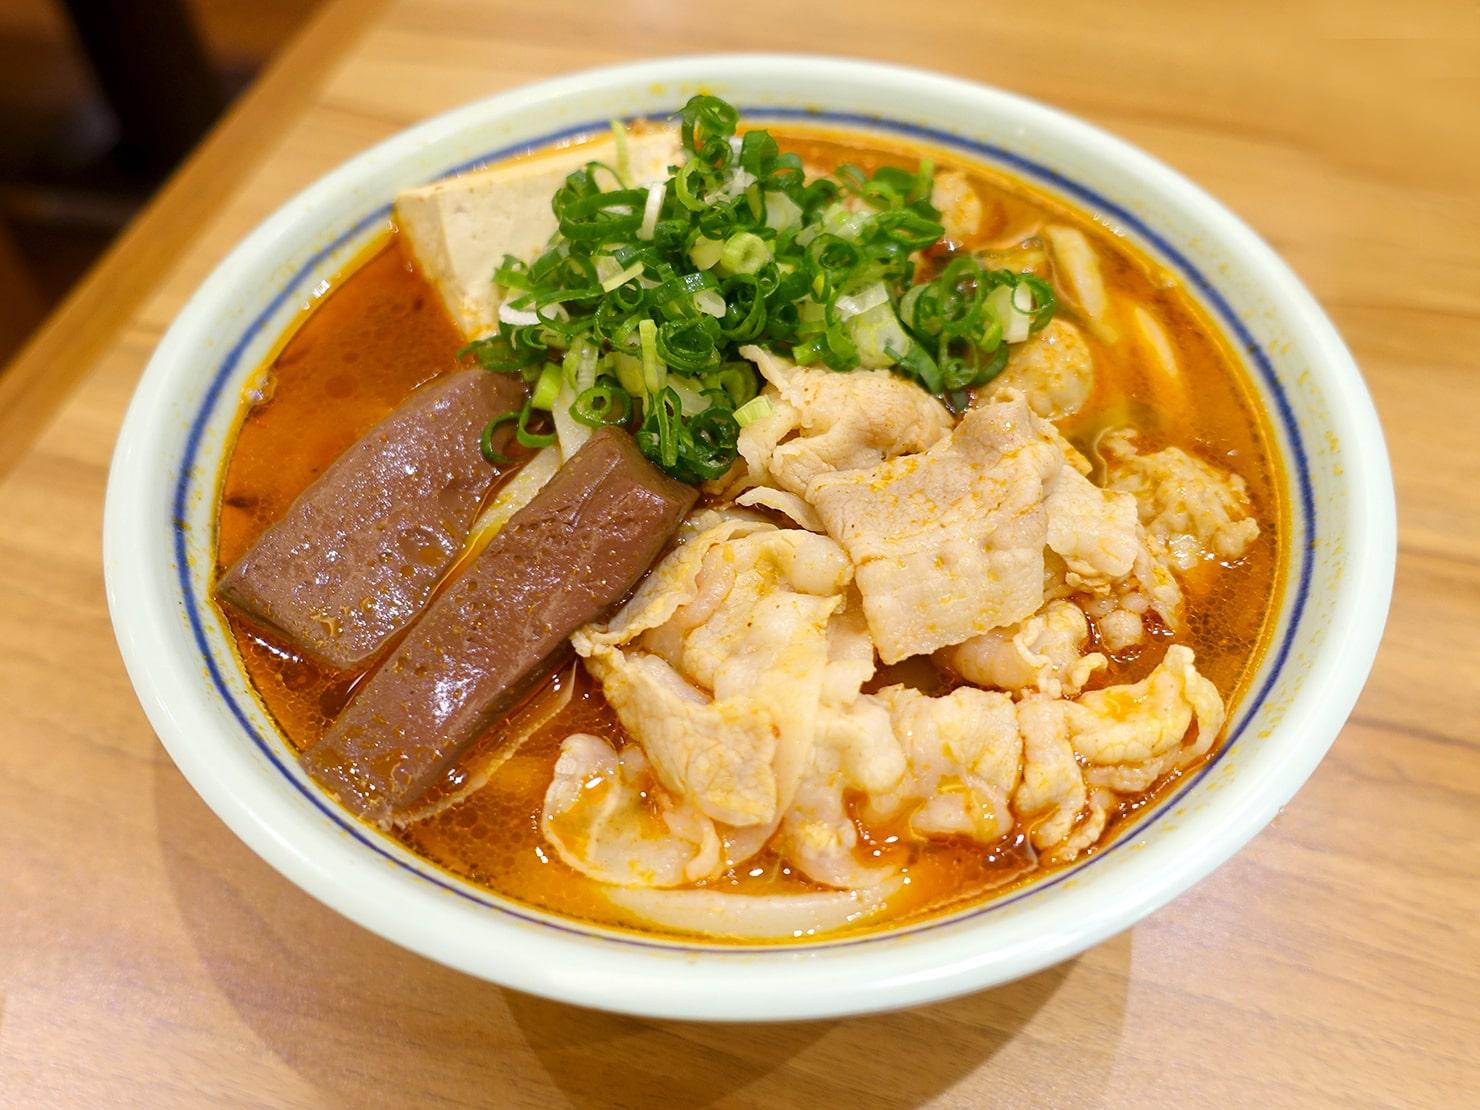 セルフうどんチェーン「丸亀製麺」の台湾限定メニュー・麻辣豬肉烏龍麵(マーラーポークうどん)